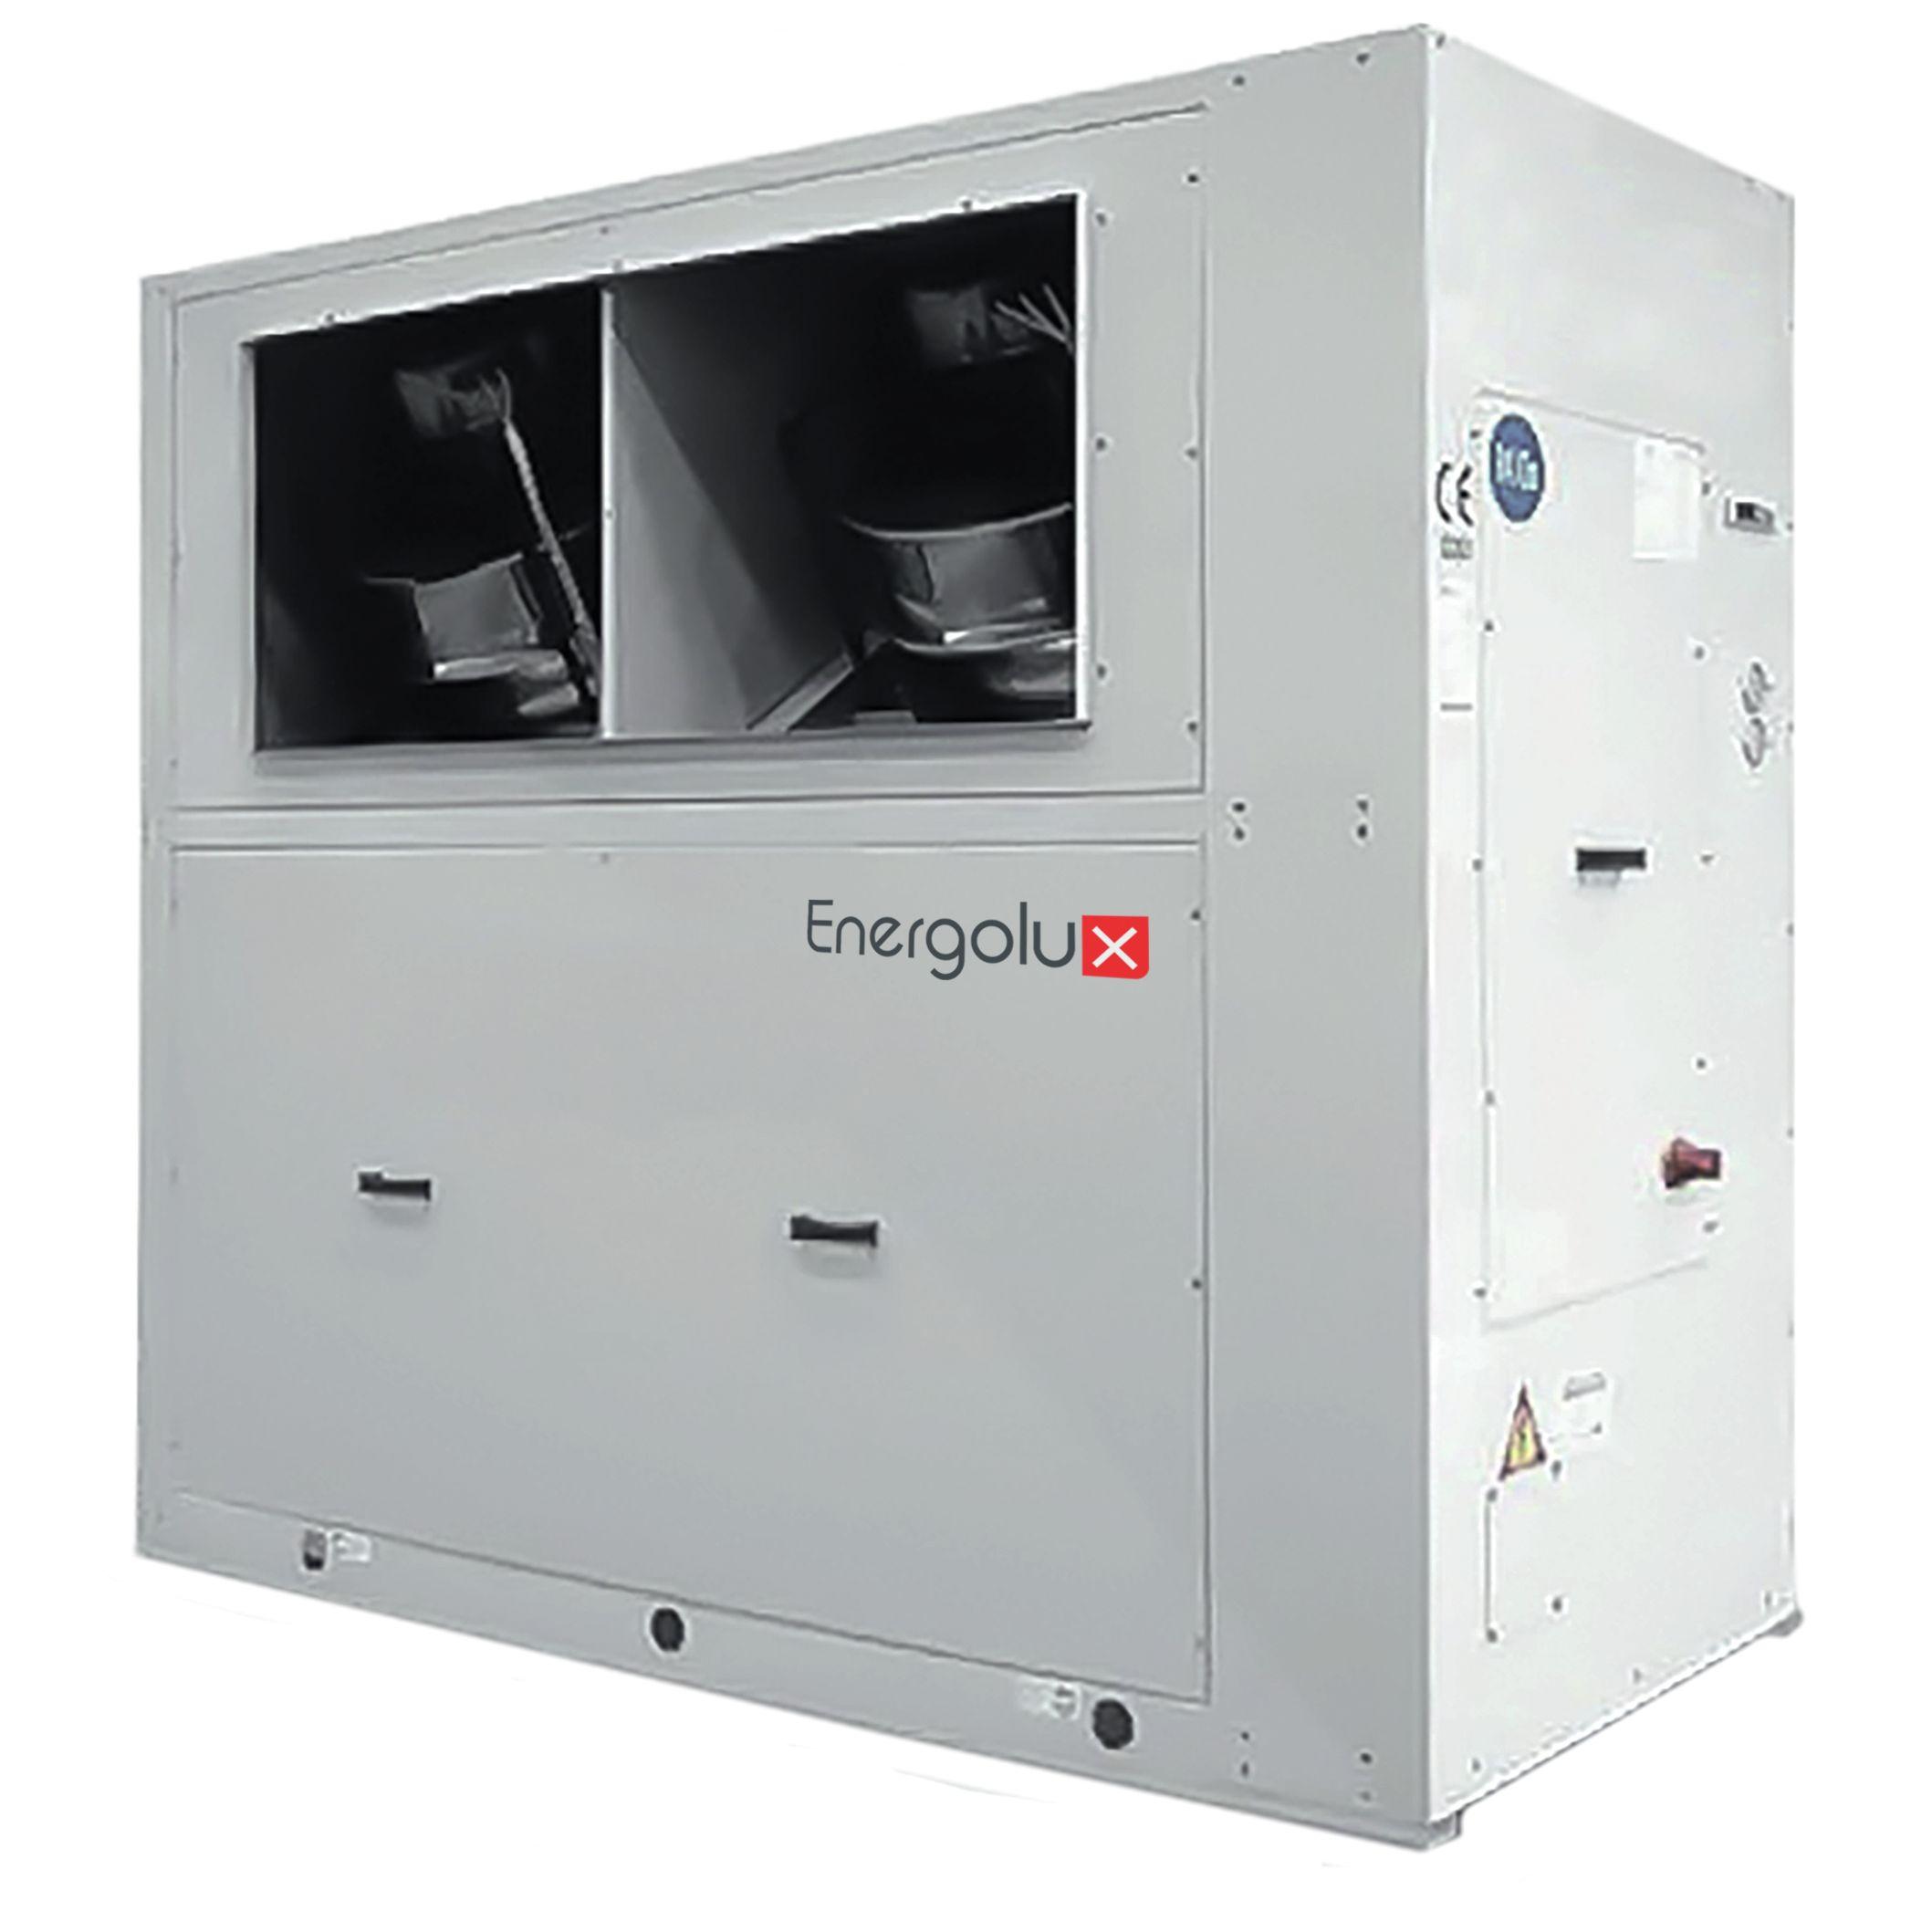 Energolux SCAW-I-T 145 Z